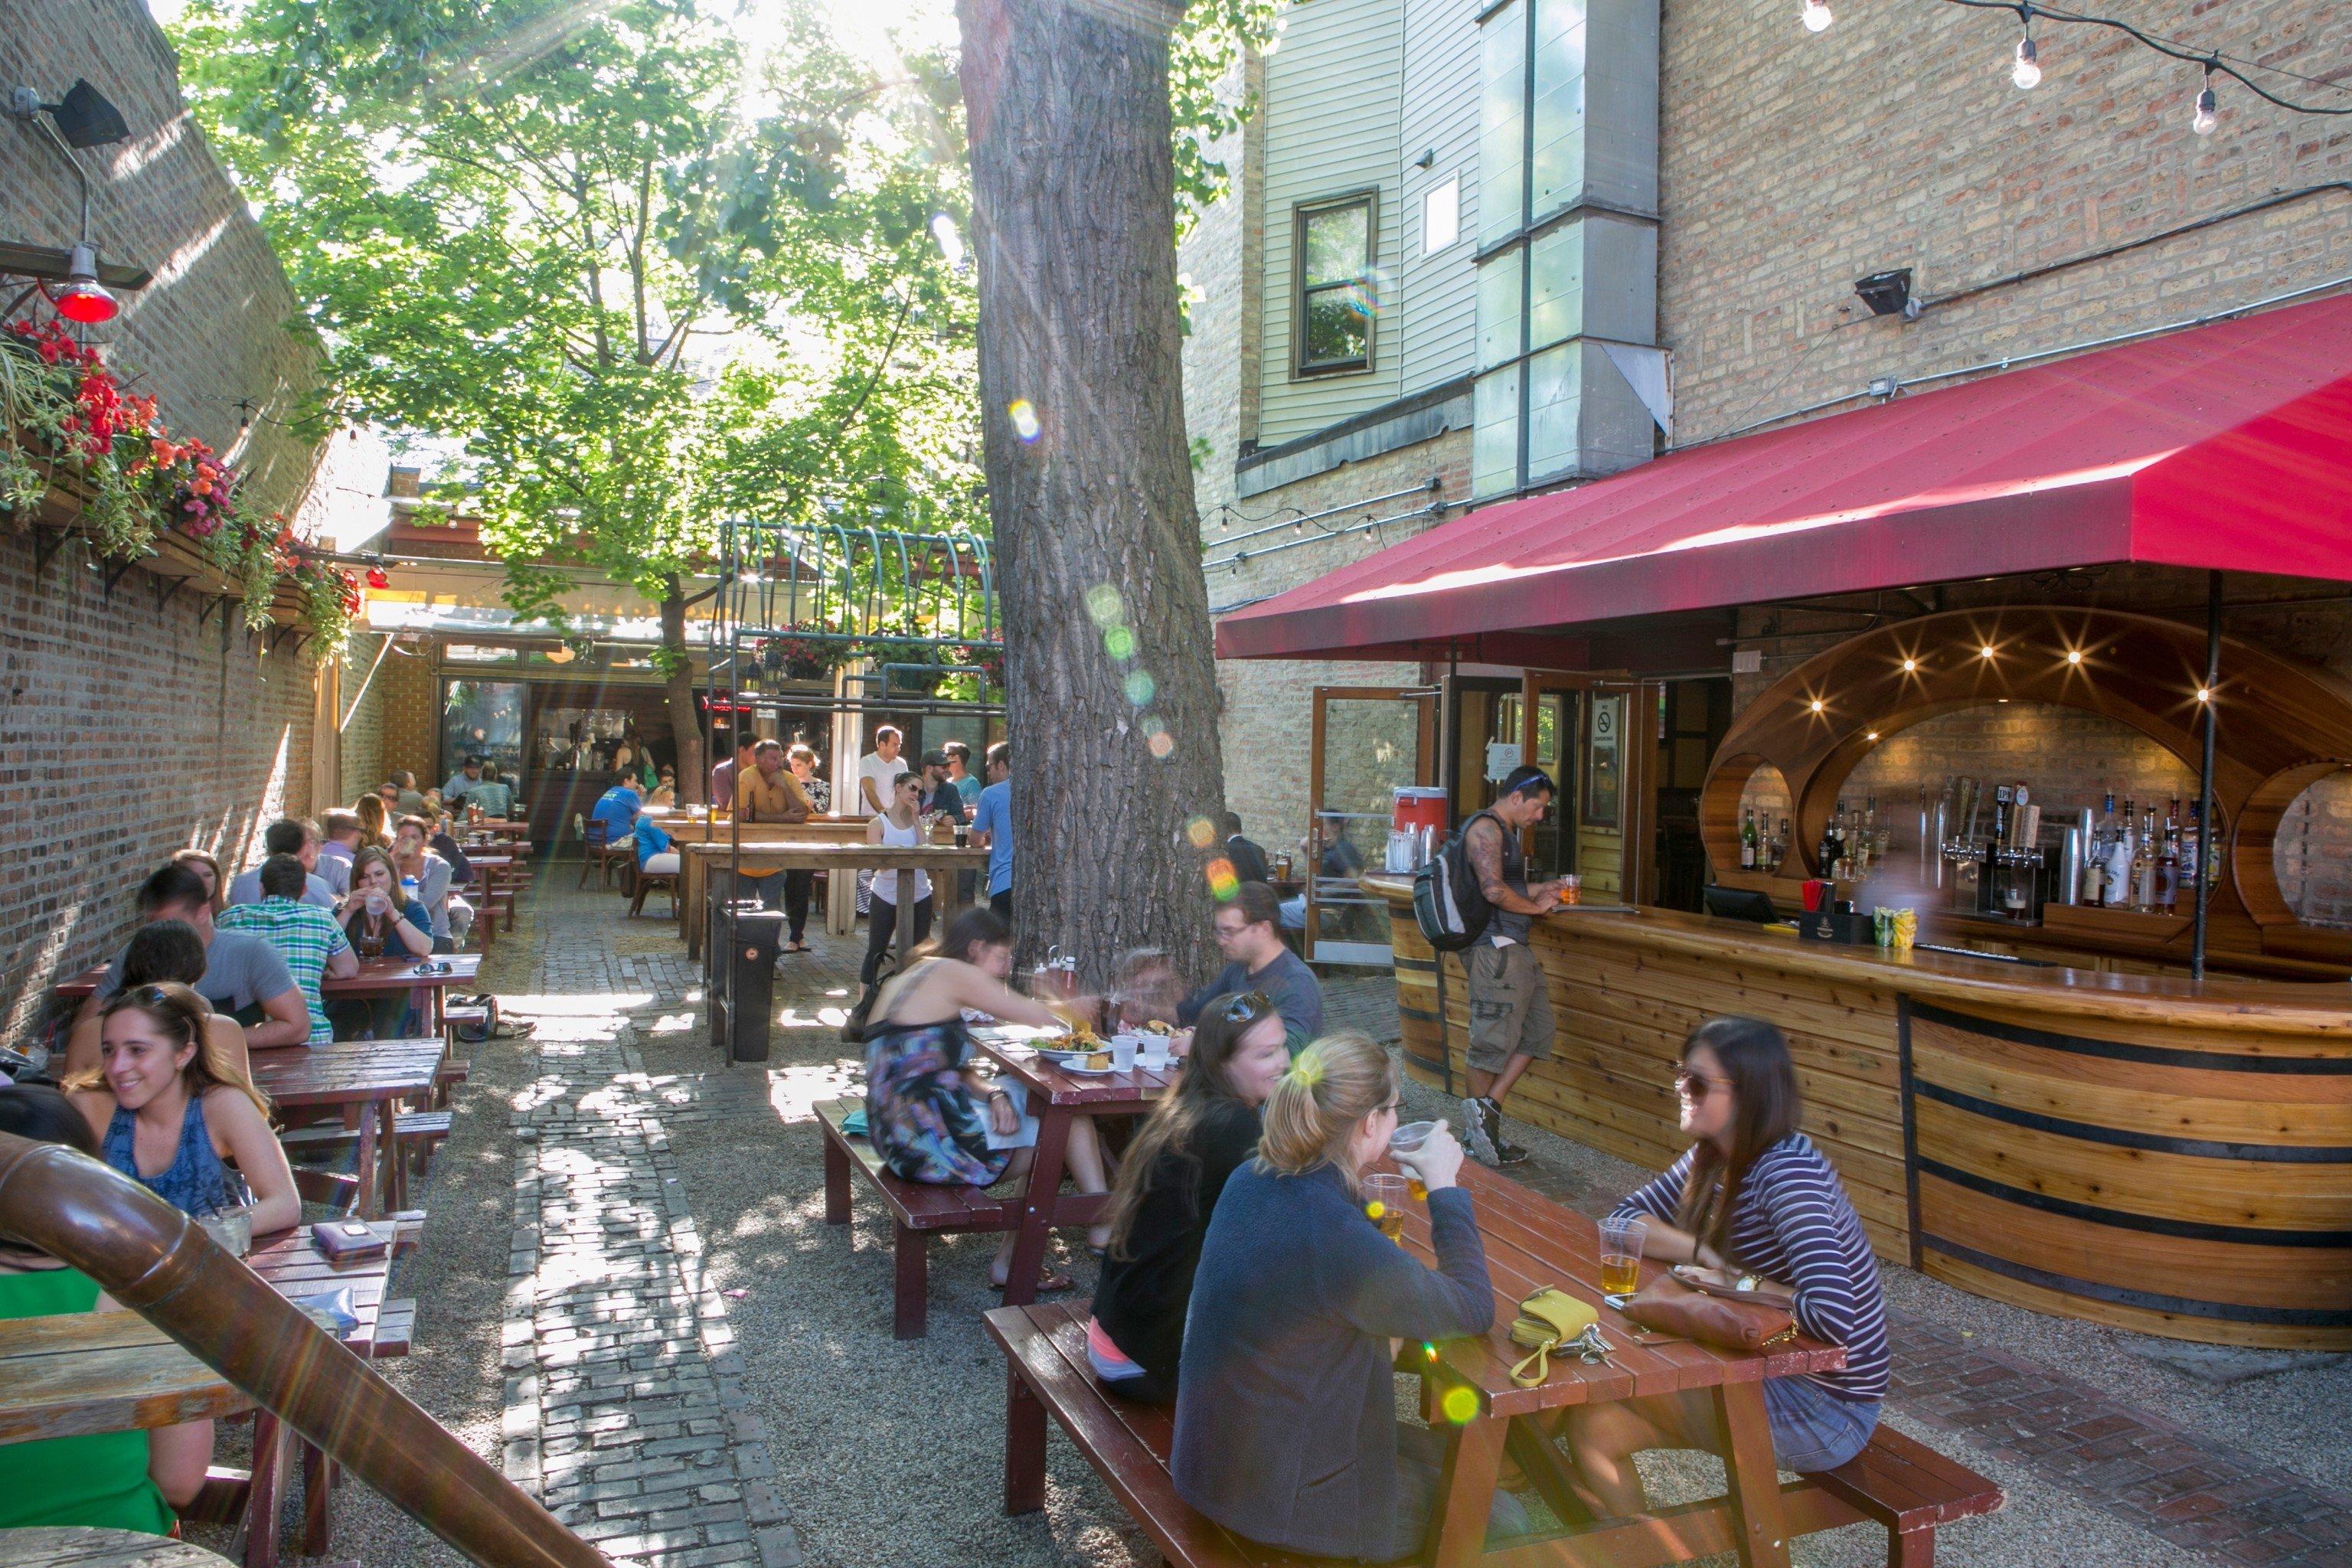 Trip Ideas outdoor person leisure public space amusement park Resort park